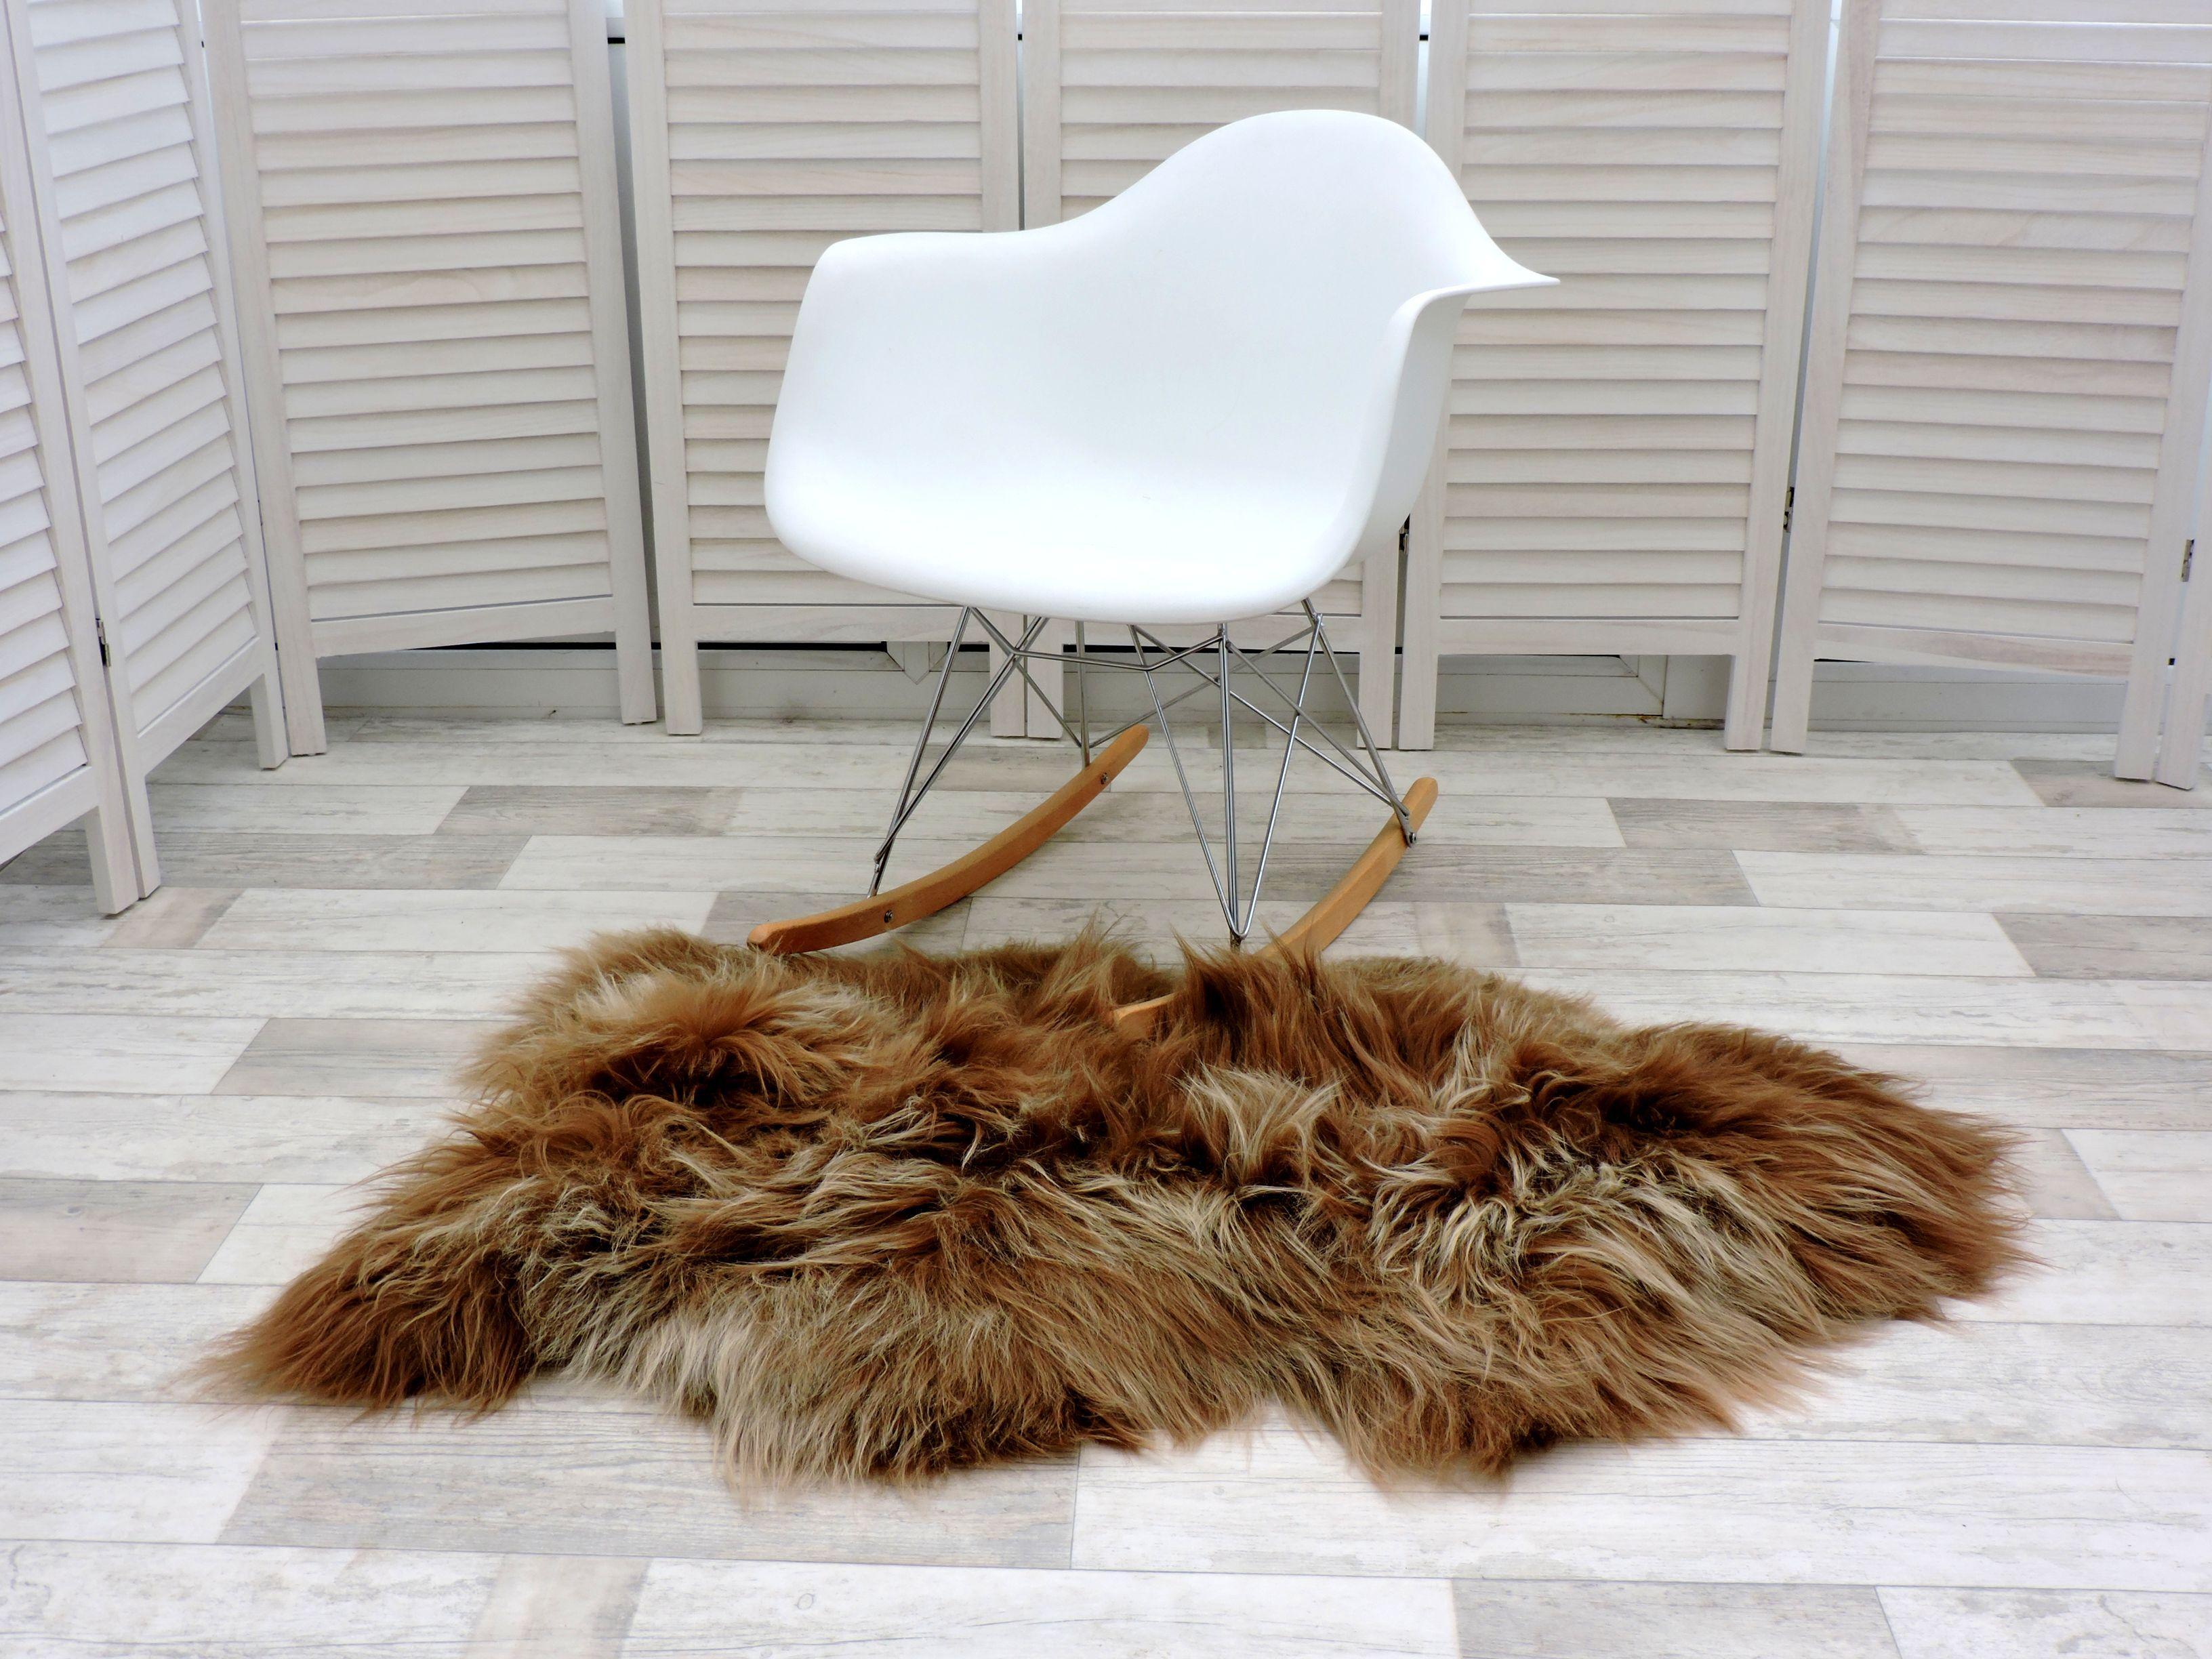 amazing isl ndischer schafsfell teppich einzeln rostbraun gef rbt 260 ebay. Black Bedroom Furniture Sets. Home Design Ideas